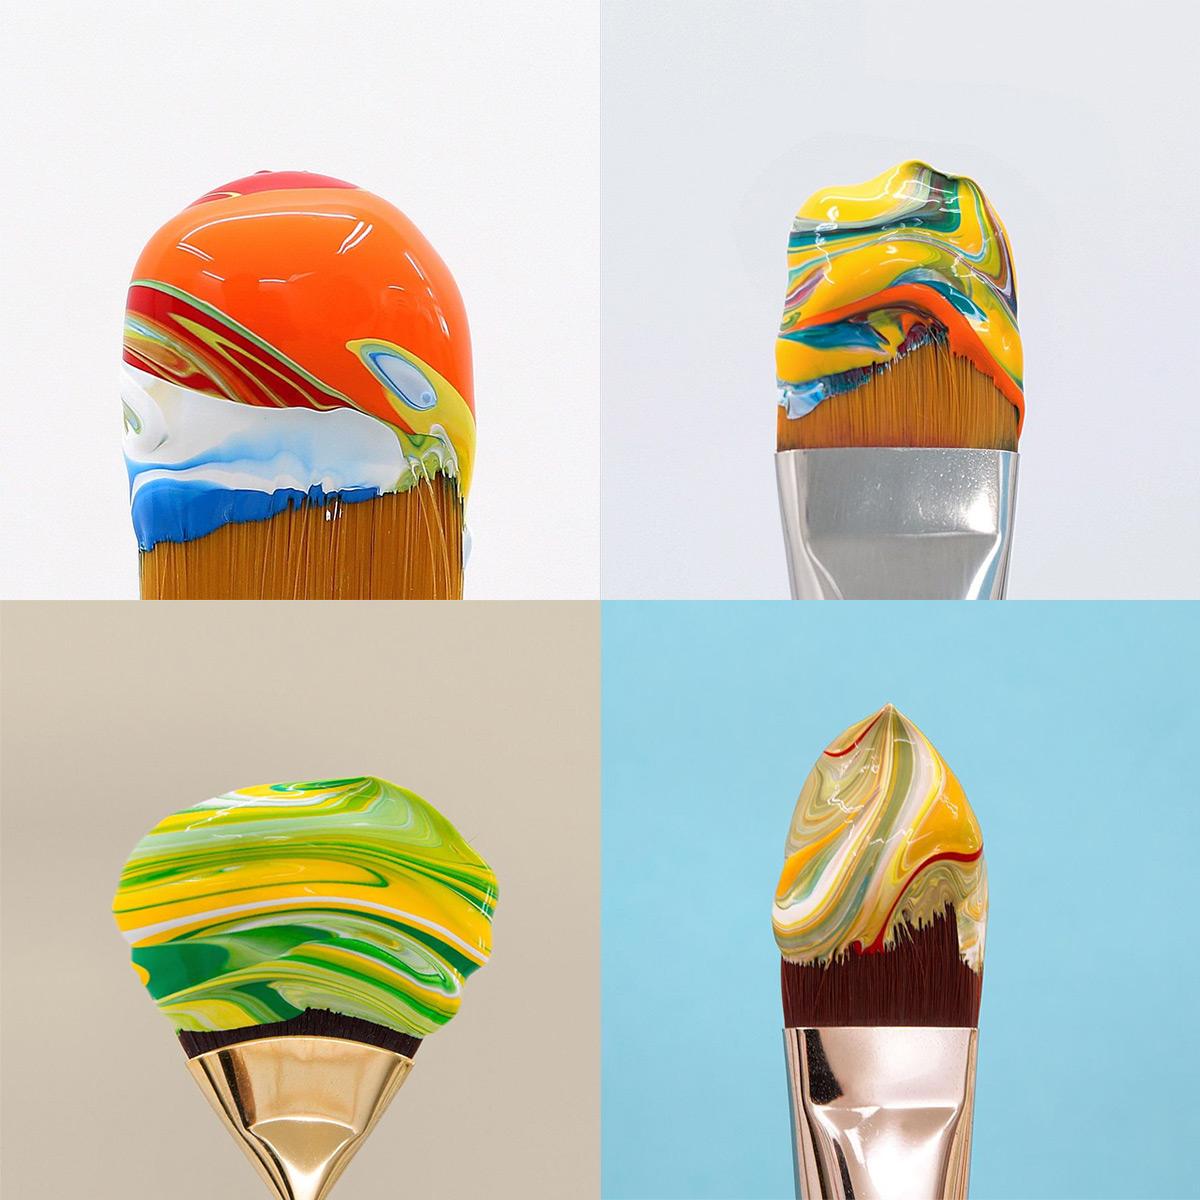 Несъедобное мороженое в фотографиях Хосе Лоренсо